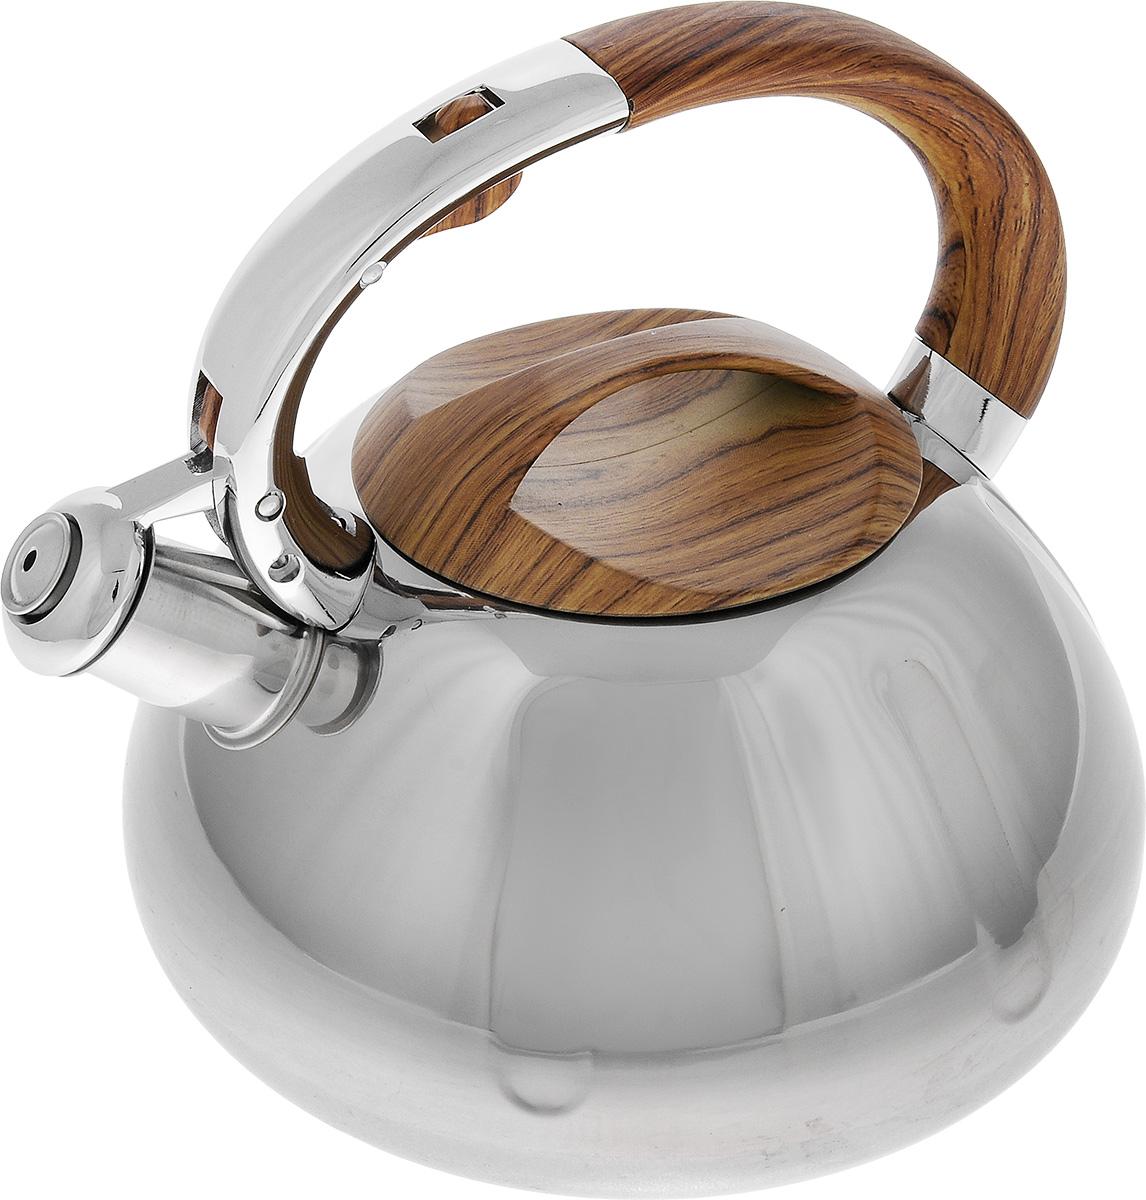 Чайник Mayer & Boch, со свистком, 2,6 л. 2241422414Чайник Mayer & Boch выполнен из высококачественной нержавеющей стали, что делает его весьма гигиеничным и устойчивым к износу при длительном использовании. Капсулированное дно с прослойкой из алюминия обеспечивает наилучшее распределение тепла. Носик чайника оснащен насадкой-свистком, что позволит вам контролировать процесс подогрева или кипячения воды. Фиксированная ручка, изготовленная из бакелита в цвет дерева, дает дополнительное удобство при разлитии напитка. Поверхность чайника гладкая, что облегчает уход за ним. Эстетичный и функциональный, с эксклюзивным дизайном, чайник будет оригинально смотреться в любом интерьере.Подходит для всех типов плит, включая индукционные. Можно мыть в посудомоечной машине.Высота чайника (без учета ручки и крышки): 11,5 см.Высота чайника (с учетом ручки и крышки): 21 см.Диаметр чайника (по верхнему краю): 11,5 см.